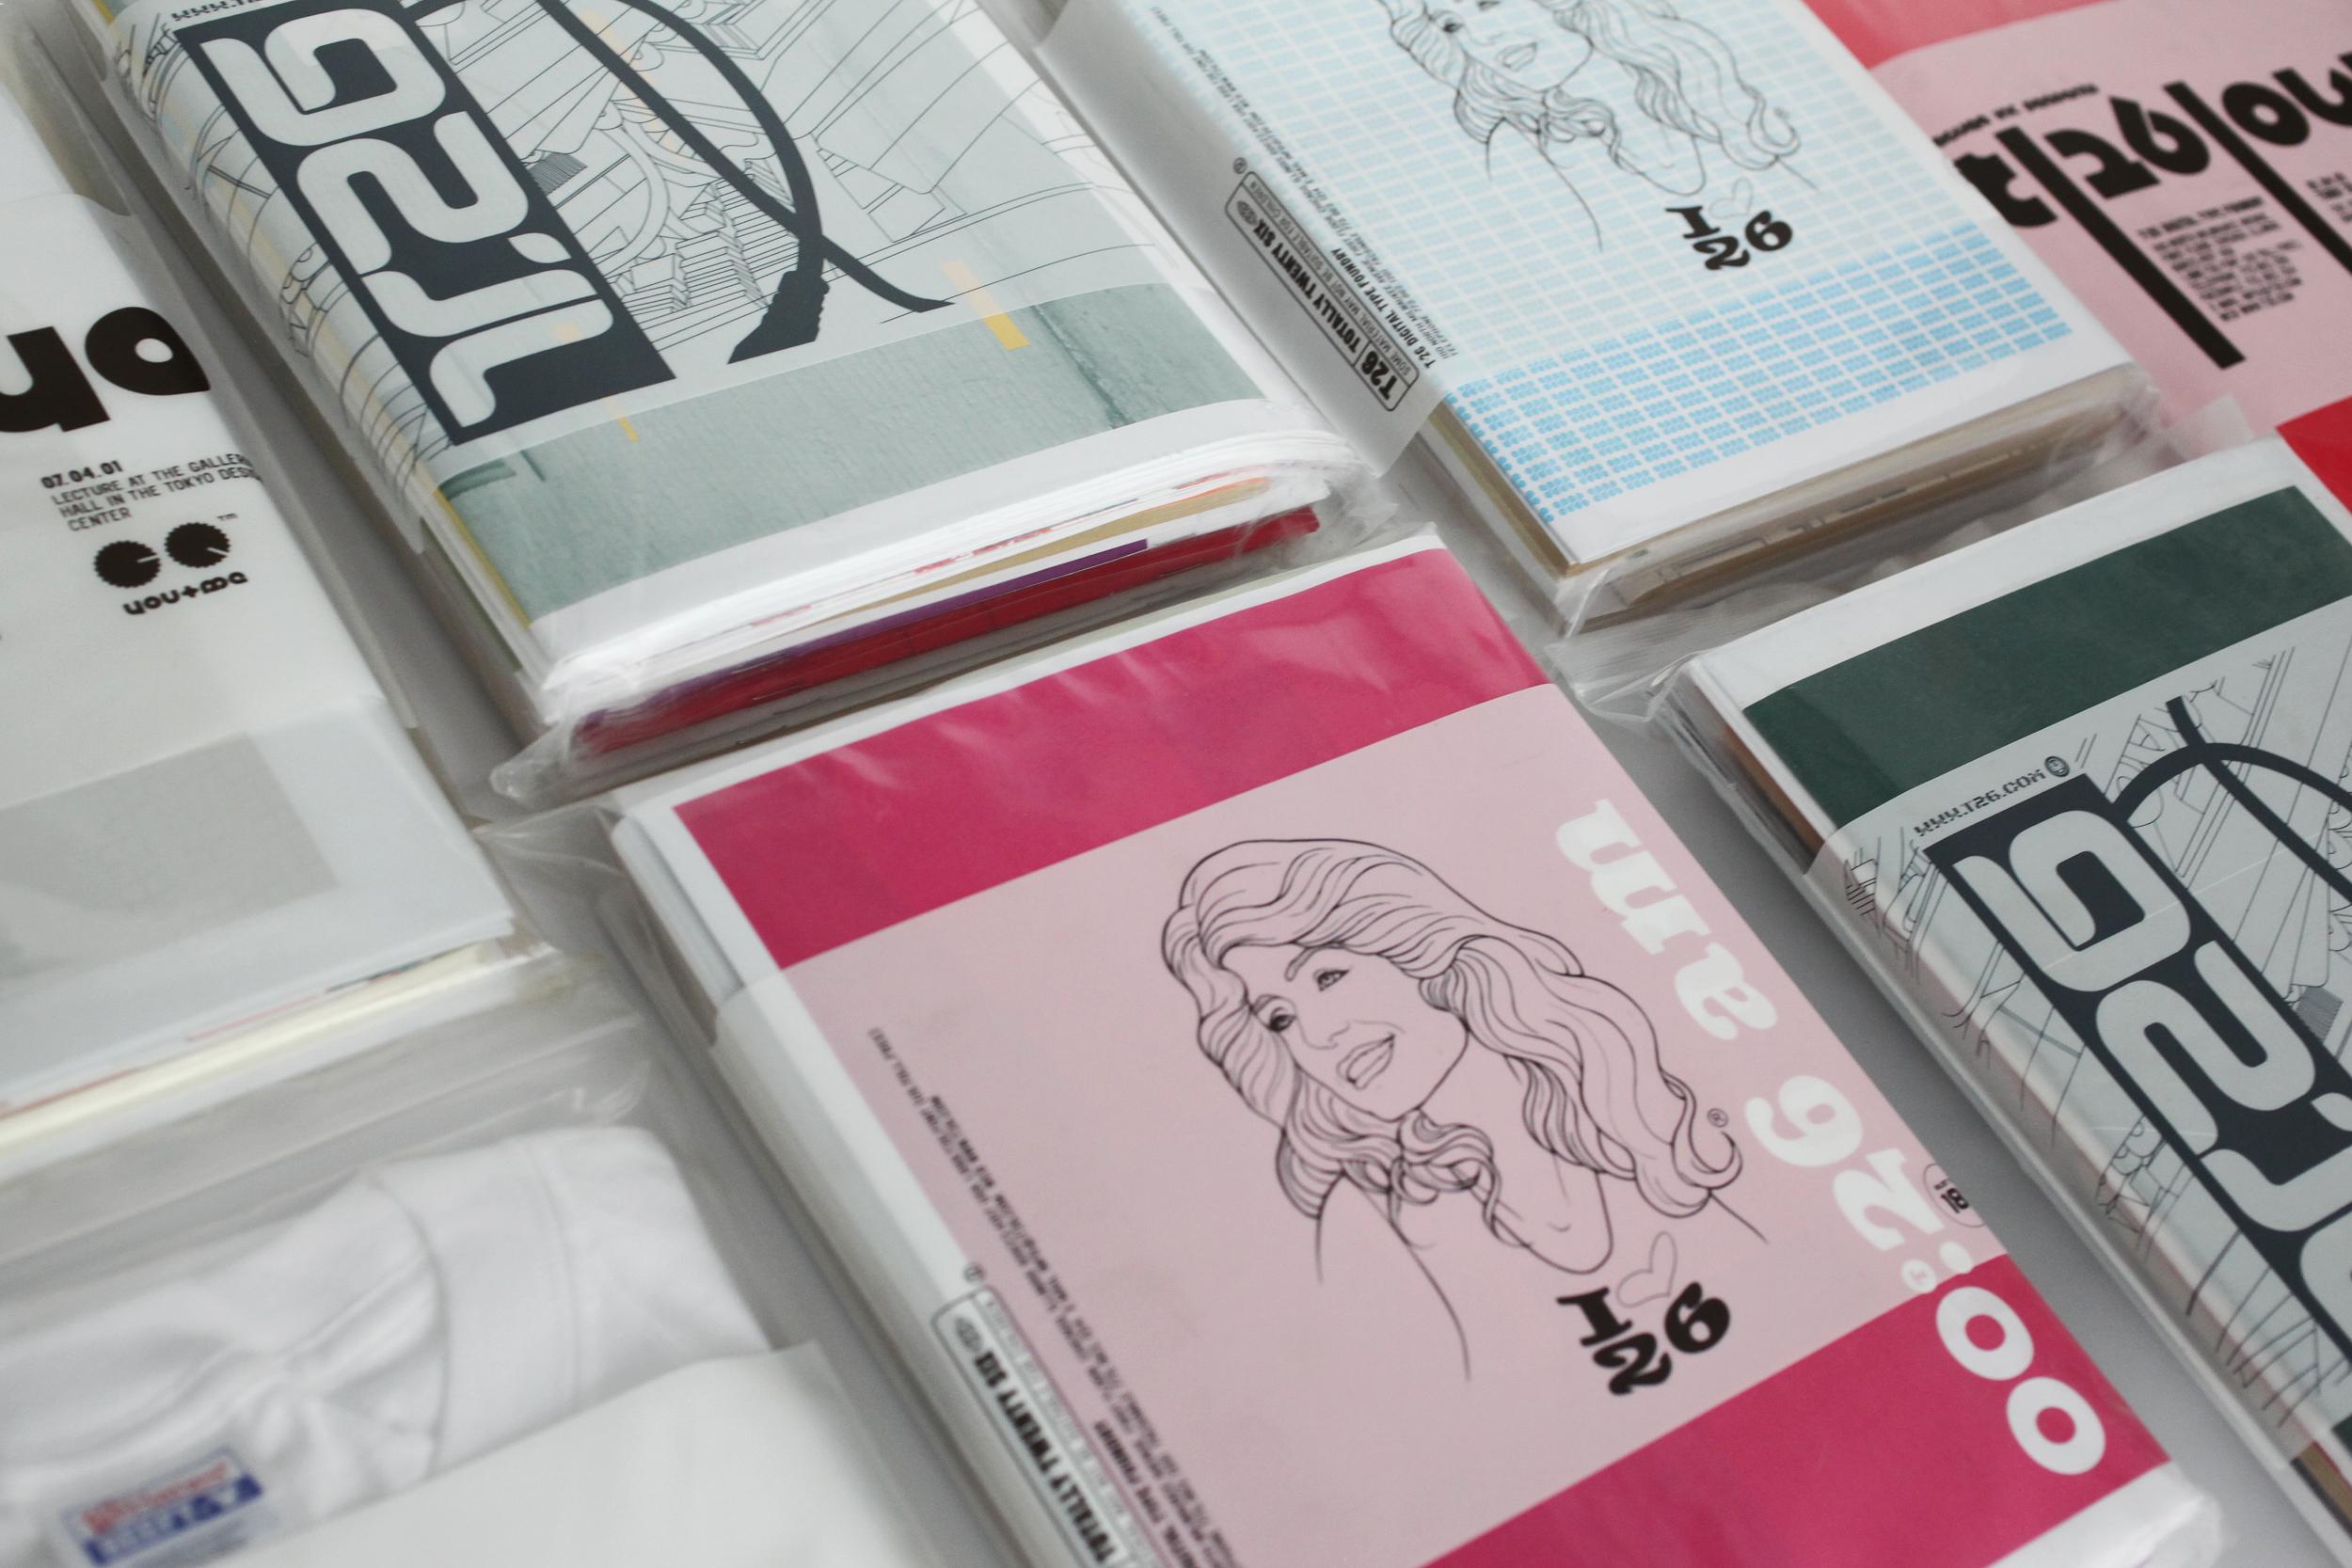 t26_font-bag_girl_02_2500w.jpg